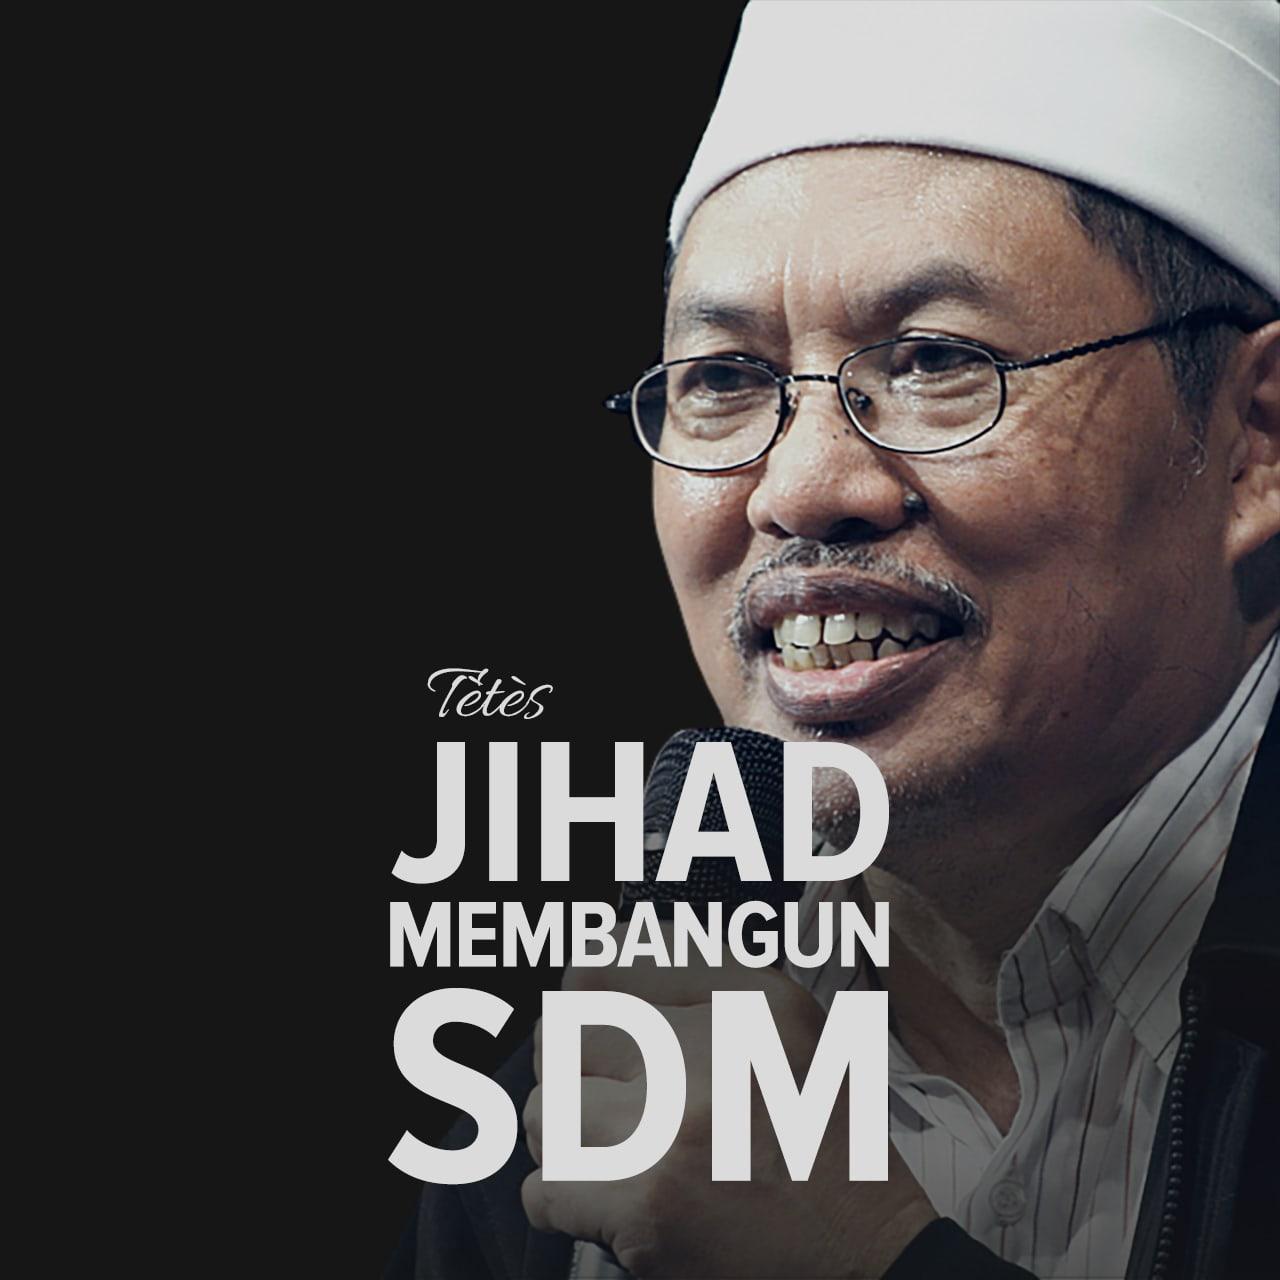 Jihad Membangun SDM